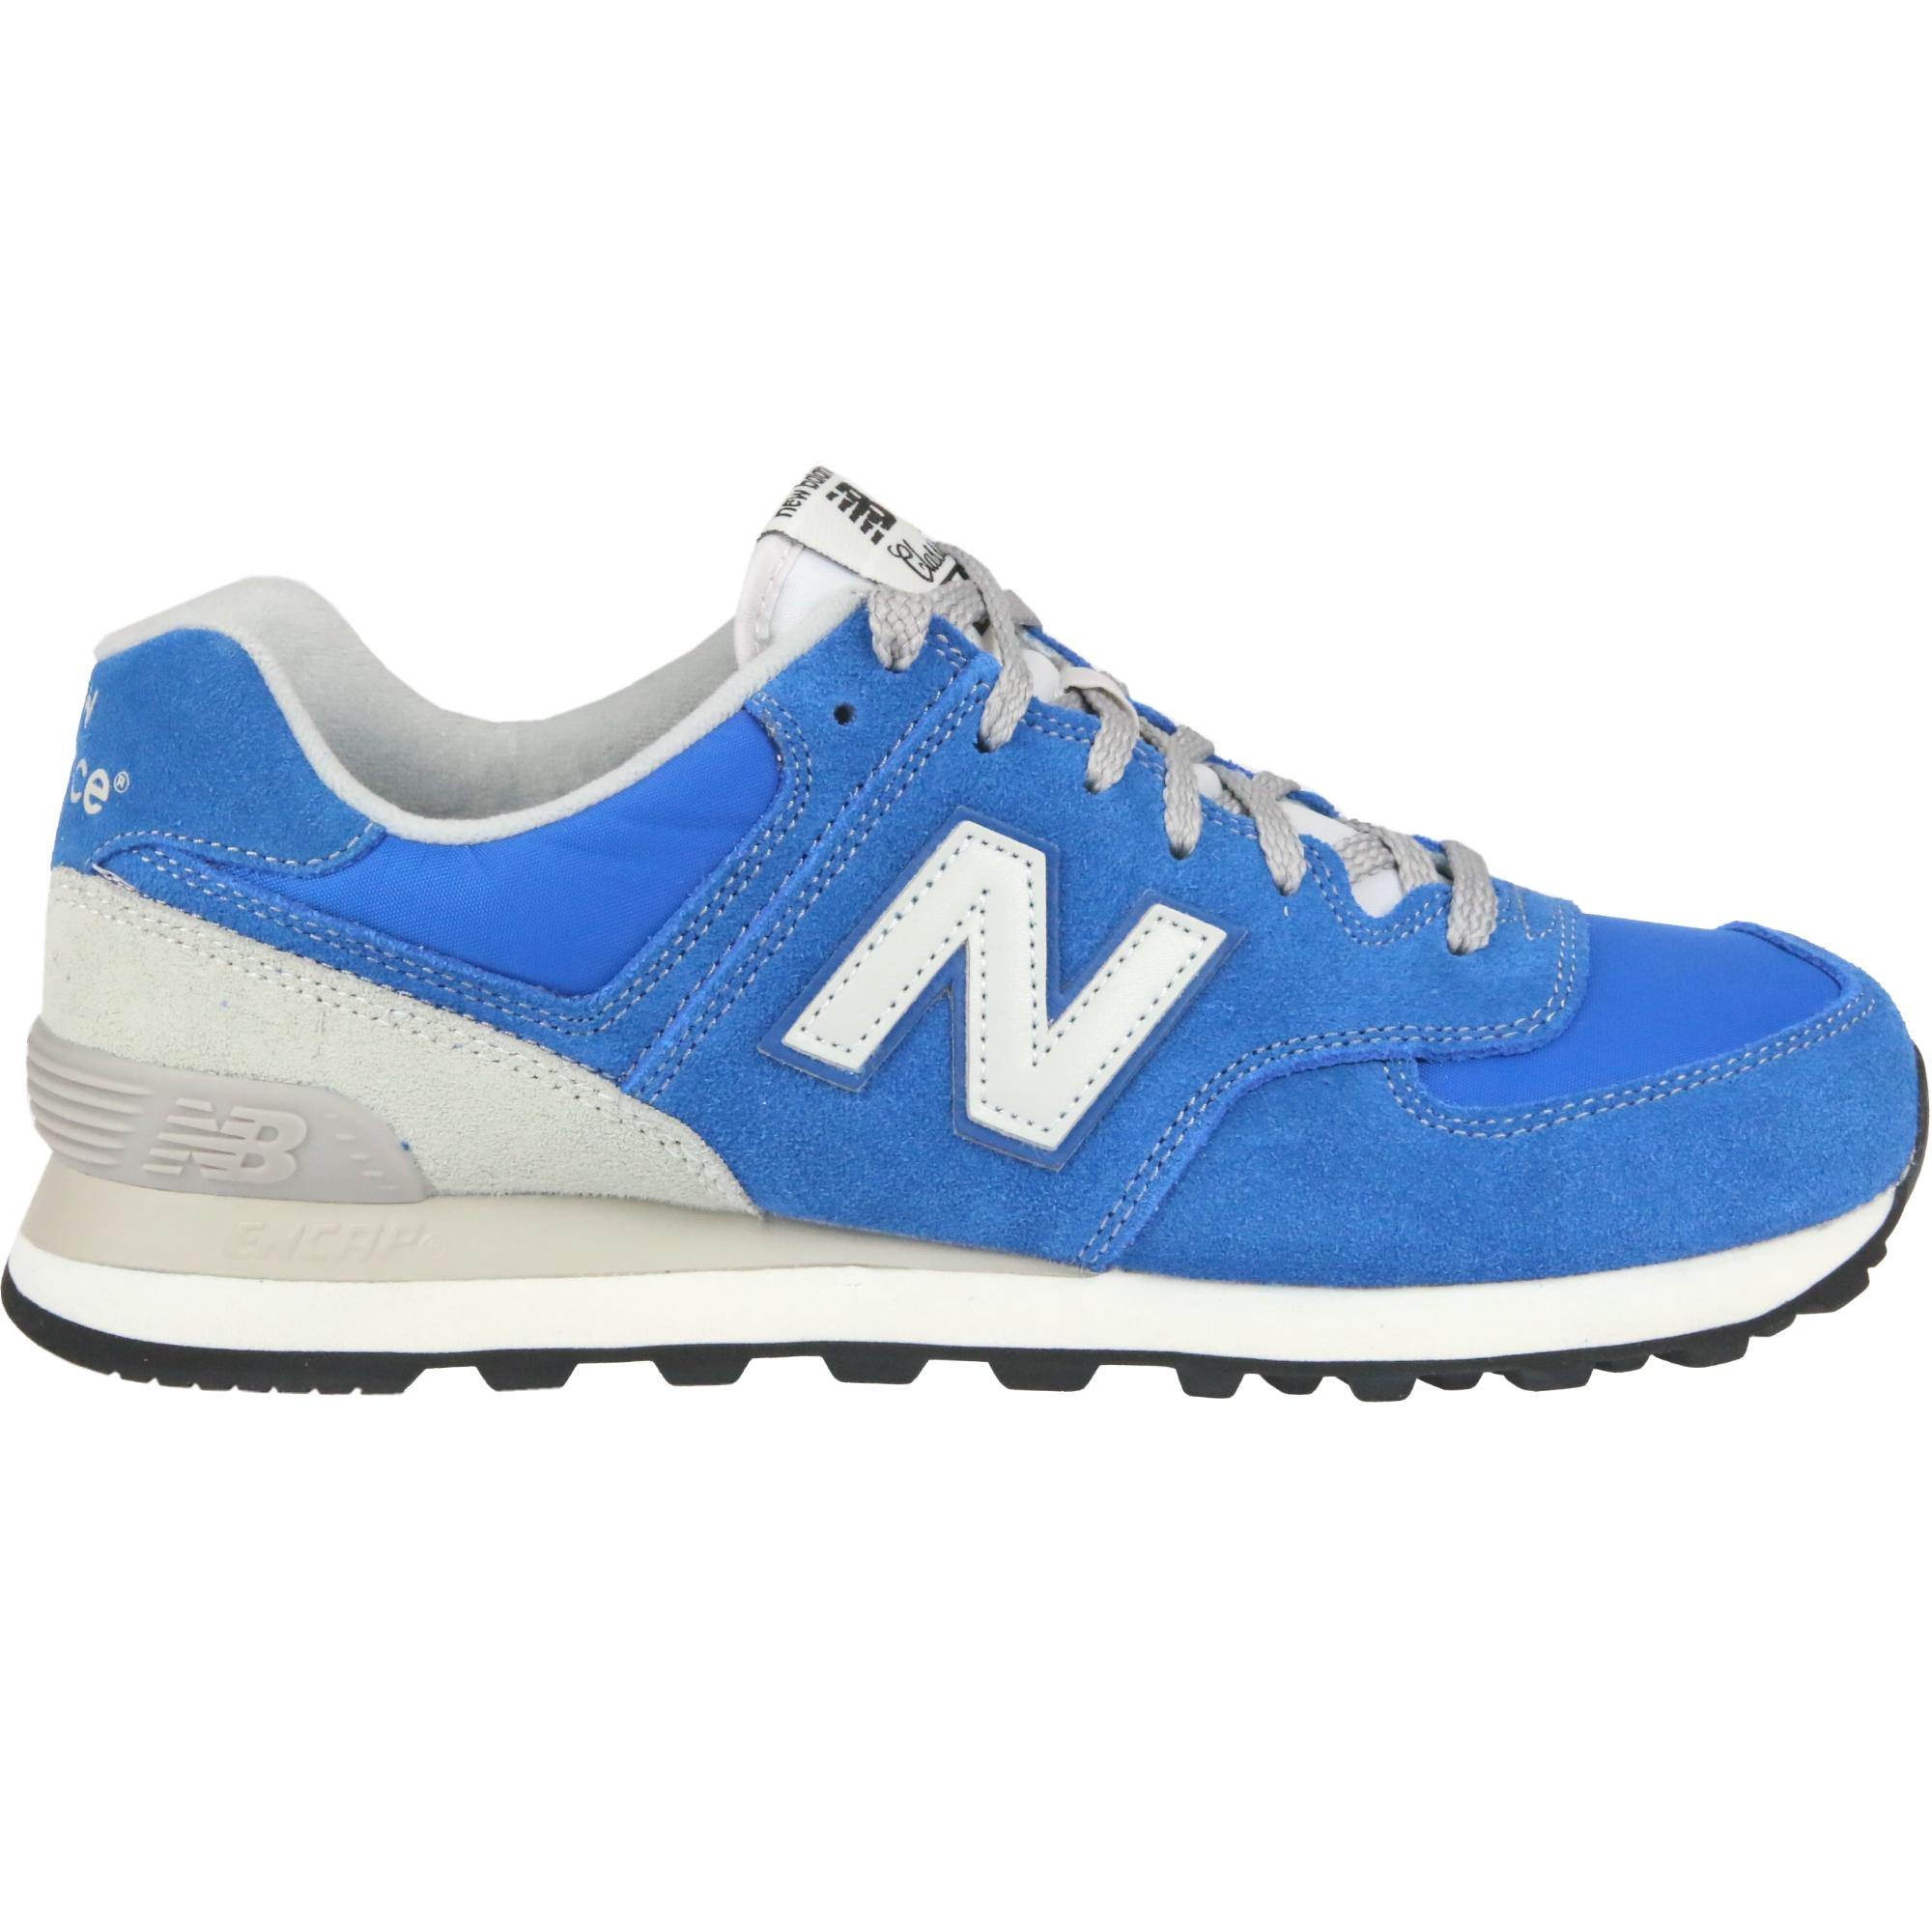 NEW Balance ml574 Scarpe Sneaker Scarpe da ginnastica uomo donna tessile VARI COLORI